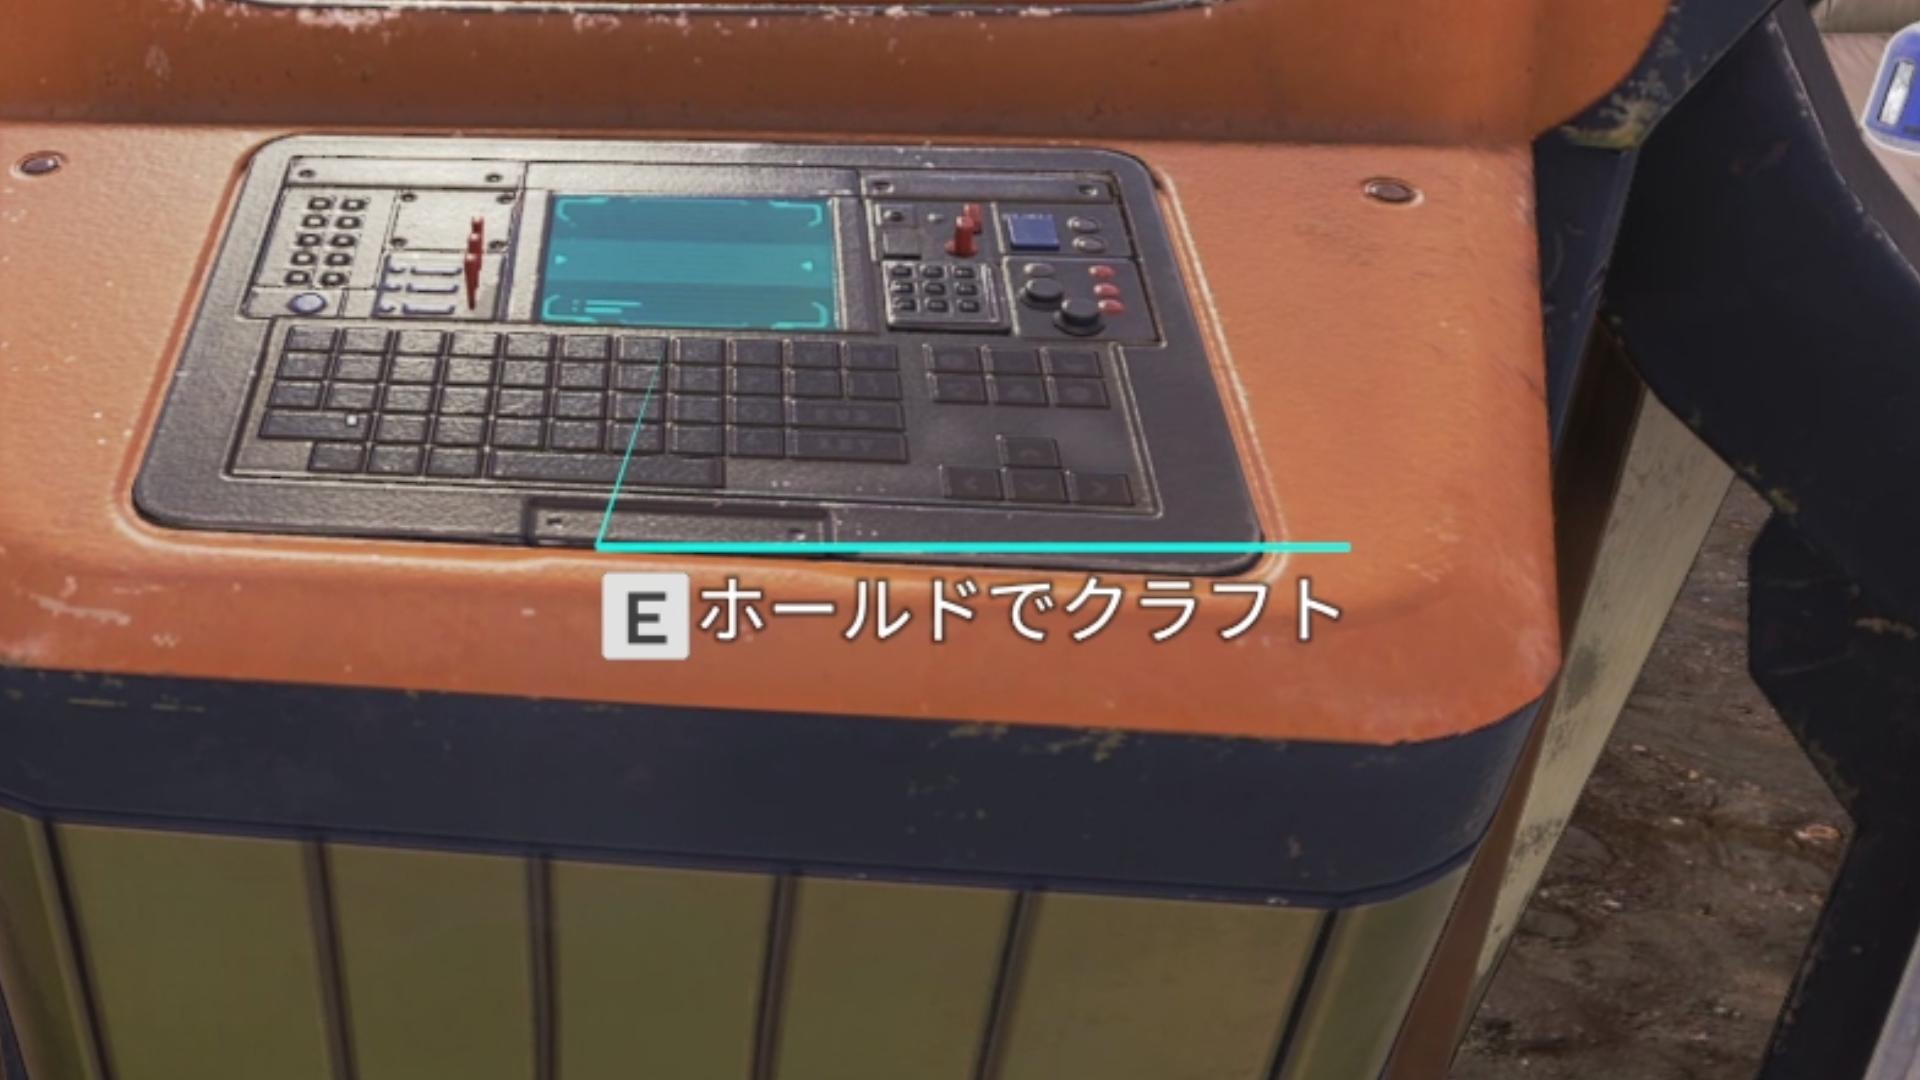 【朗報】レプリケーターの起動方法が「ボタンホールド」に変更された模様!!